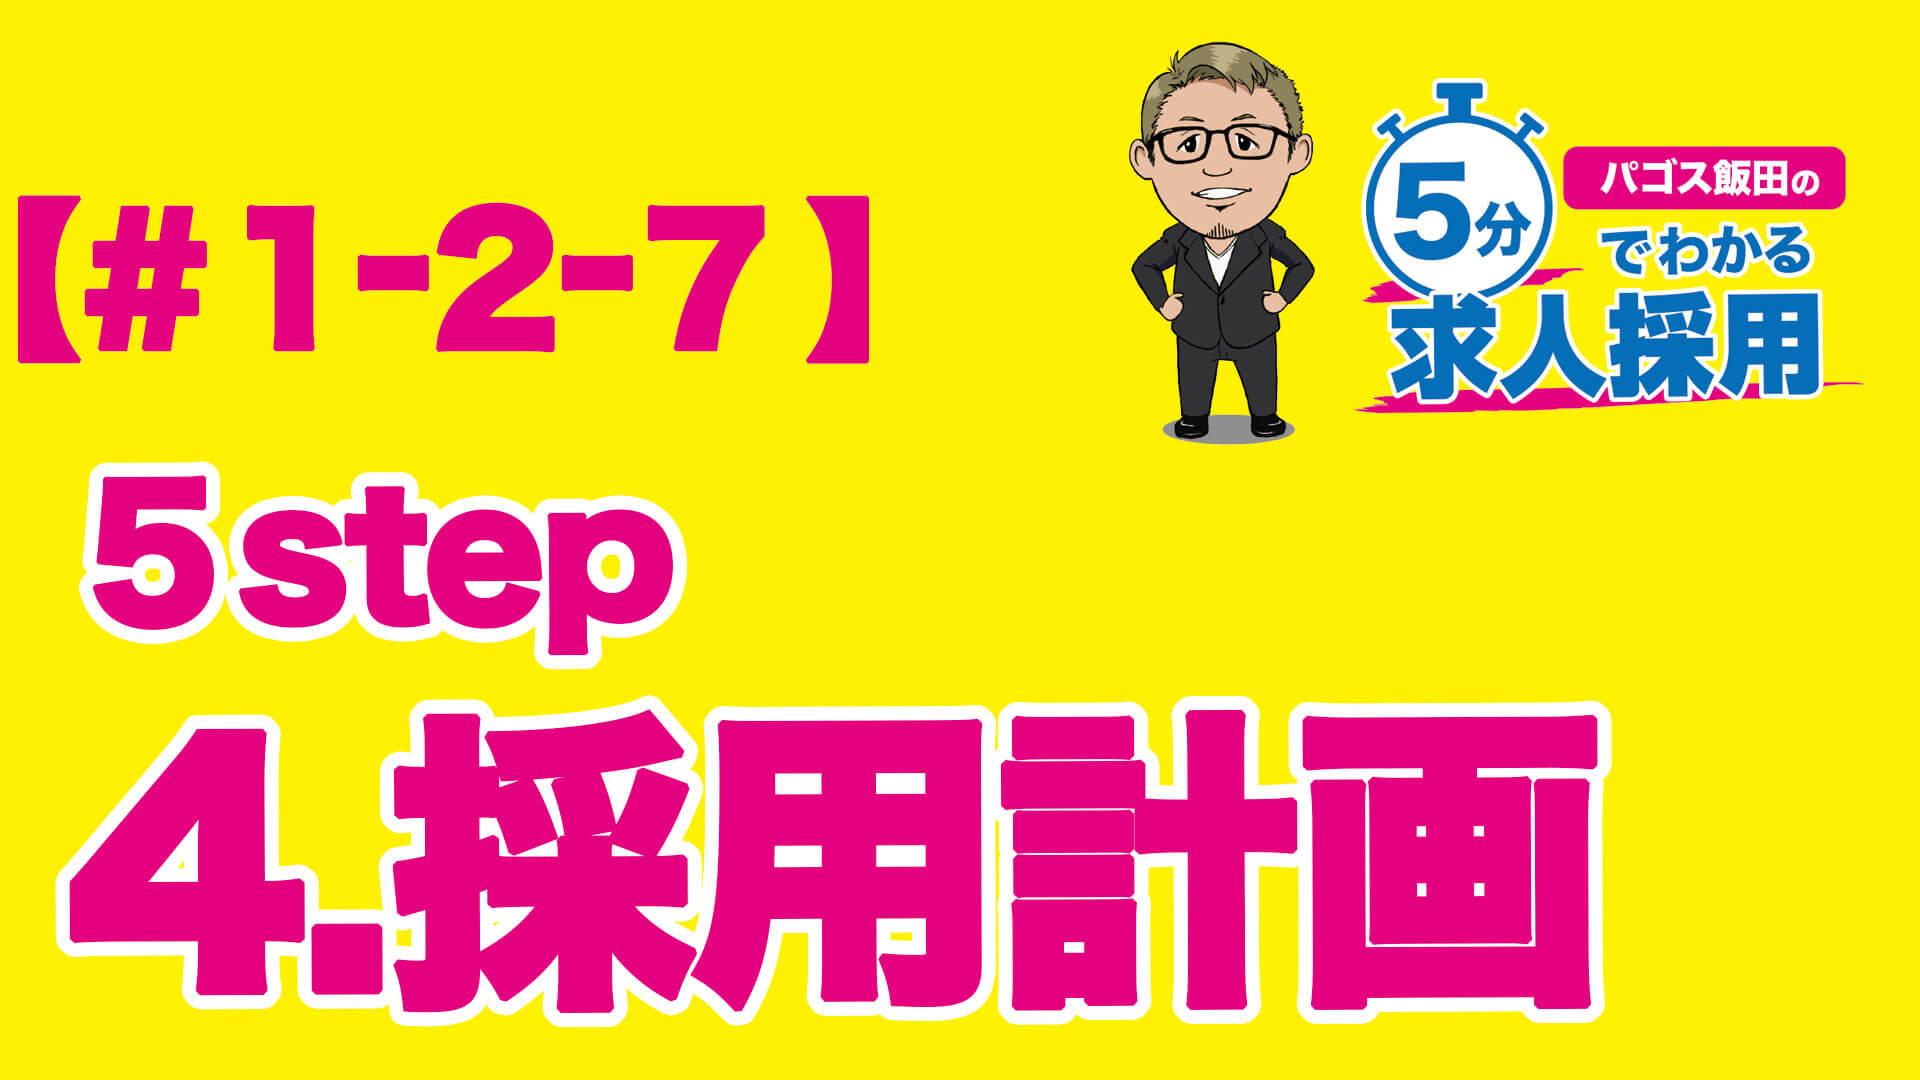 【#1-2-7】5step 4.採用計画